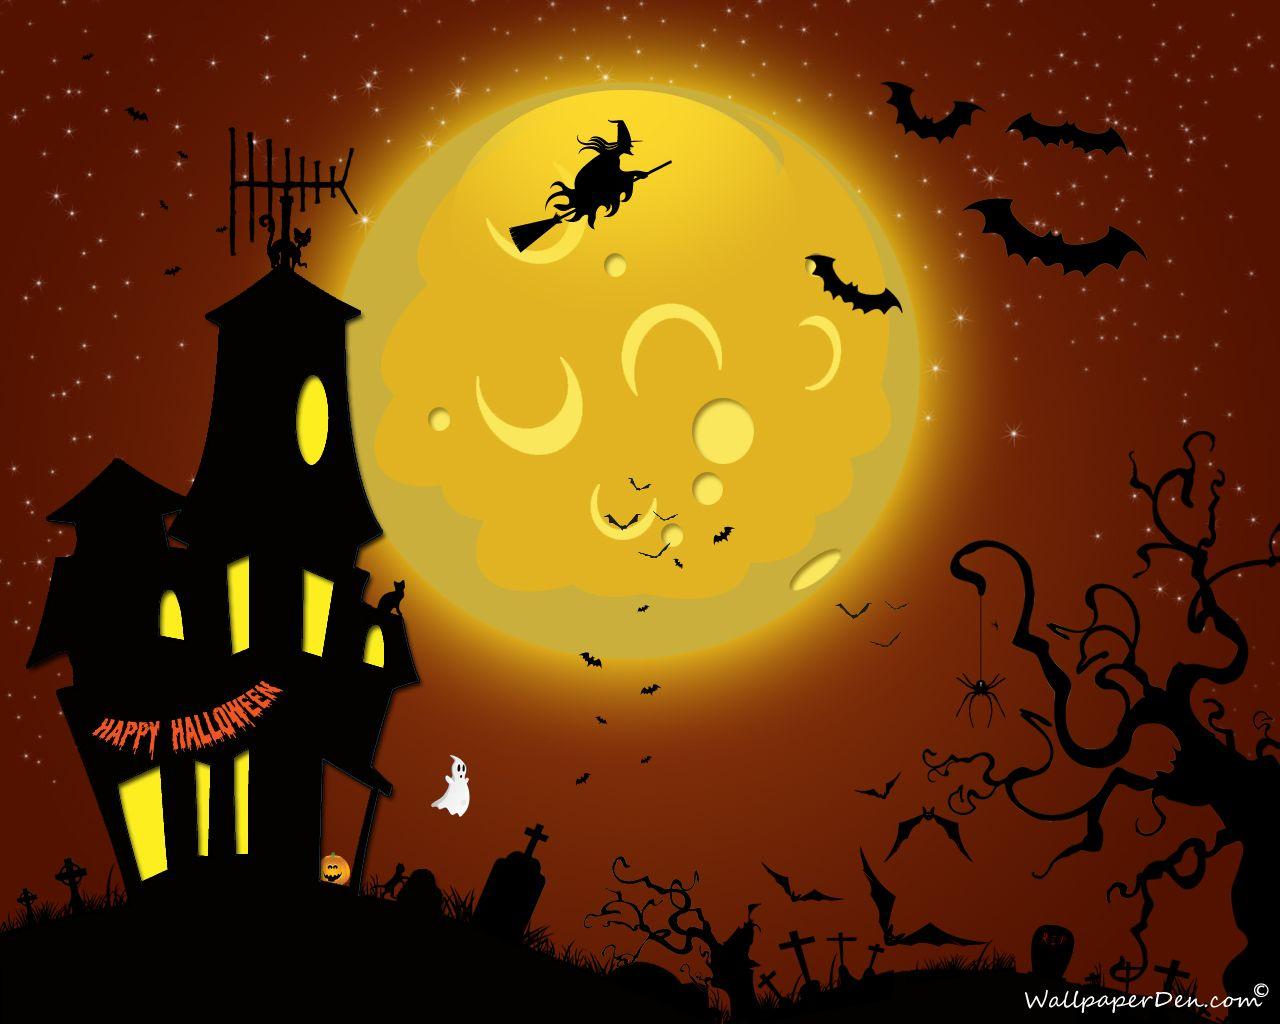 halloween | happy halloween, free beautiful wallpaper download for